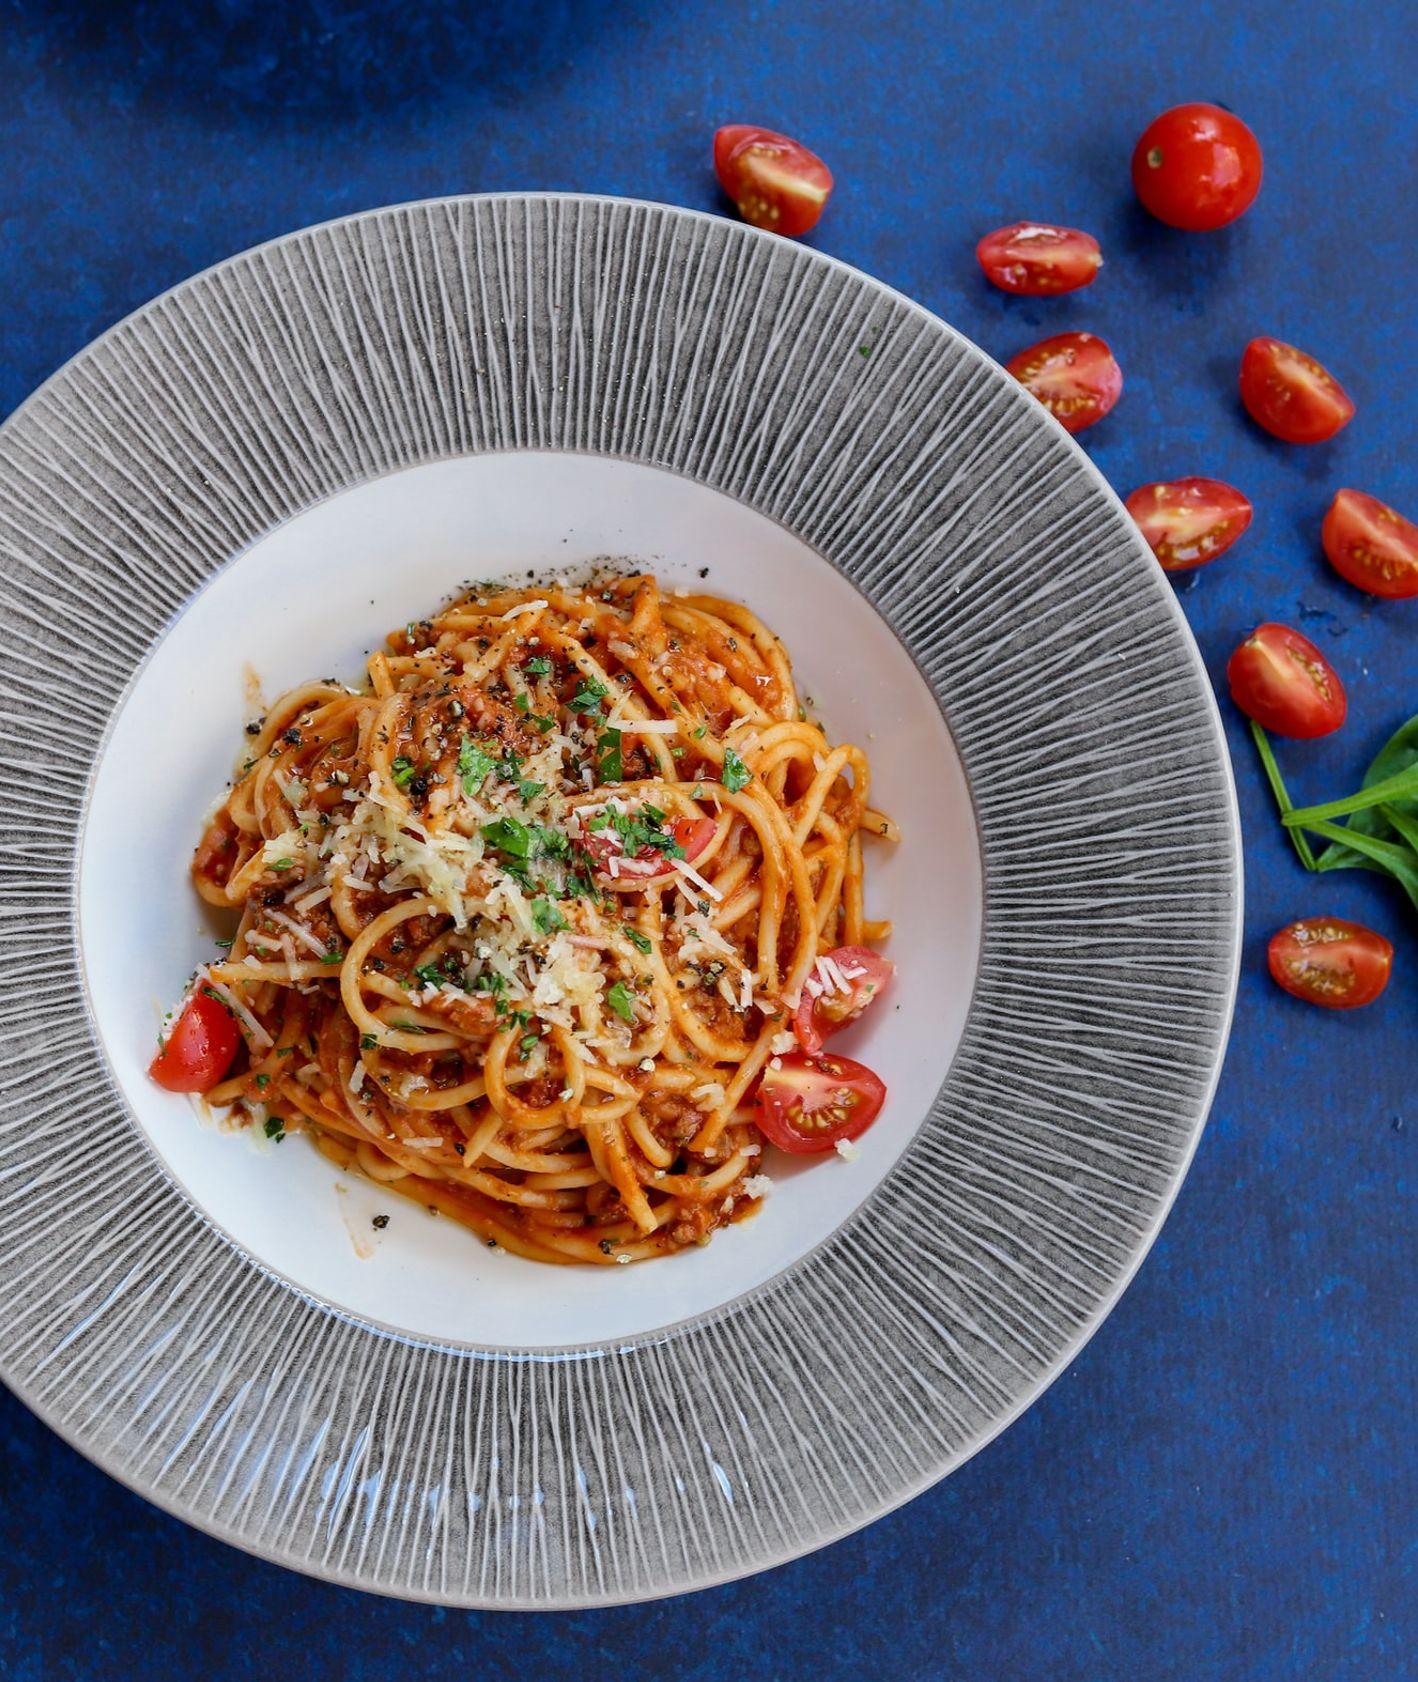 Proste spaghetti pomidorowe z bazylią i parmezanem na niebieskim obrusie (fot. Danijela Prijovic / unsplash.com)